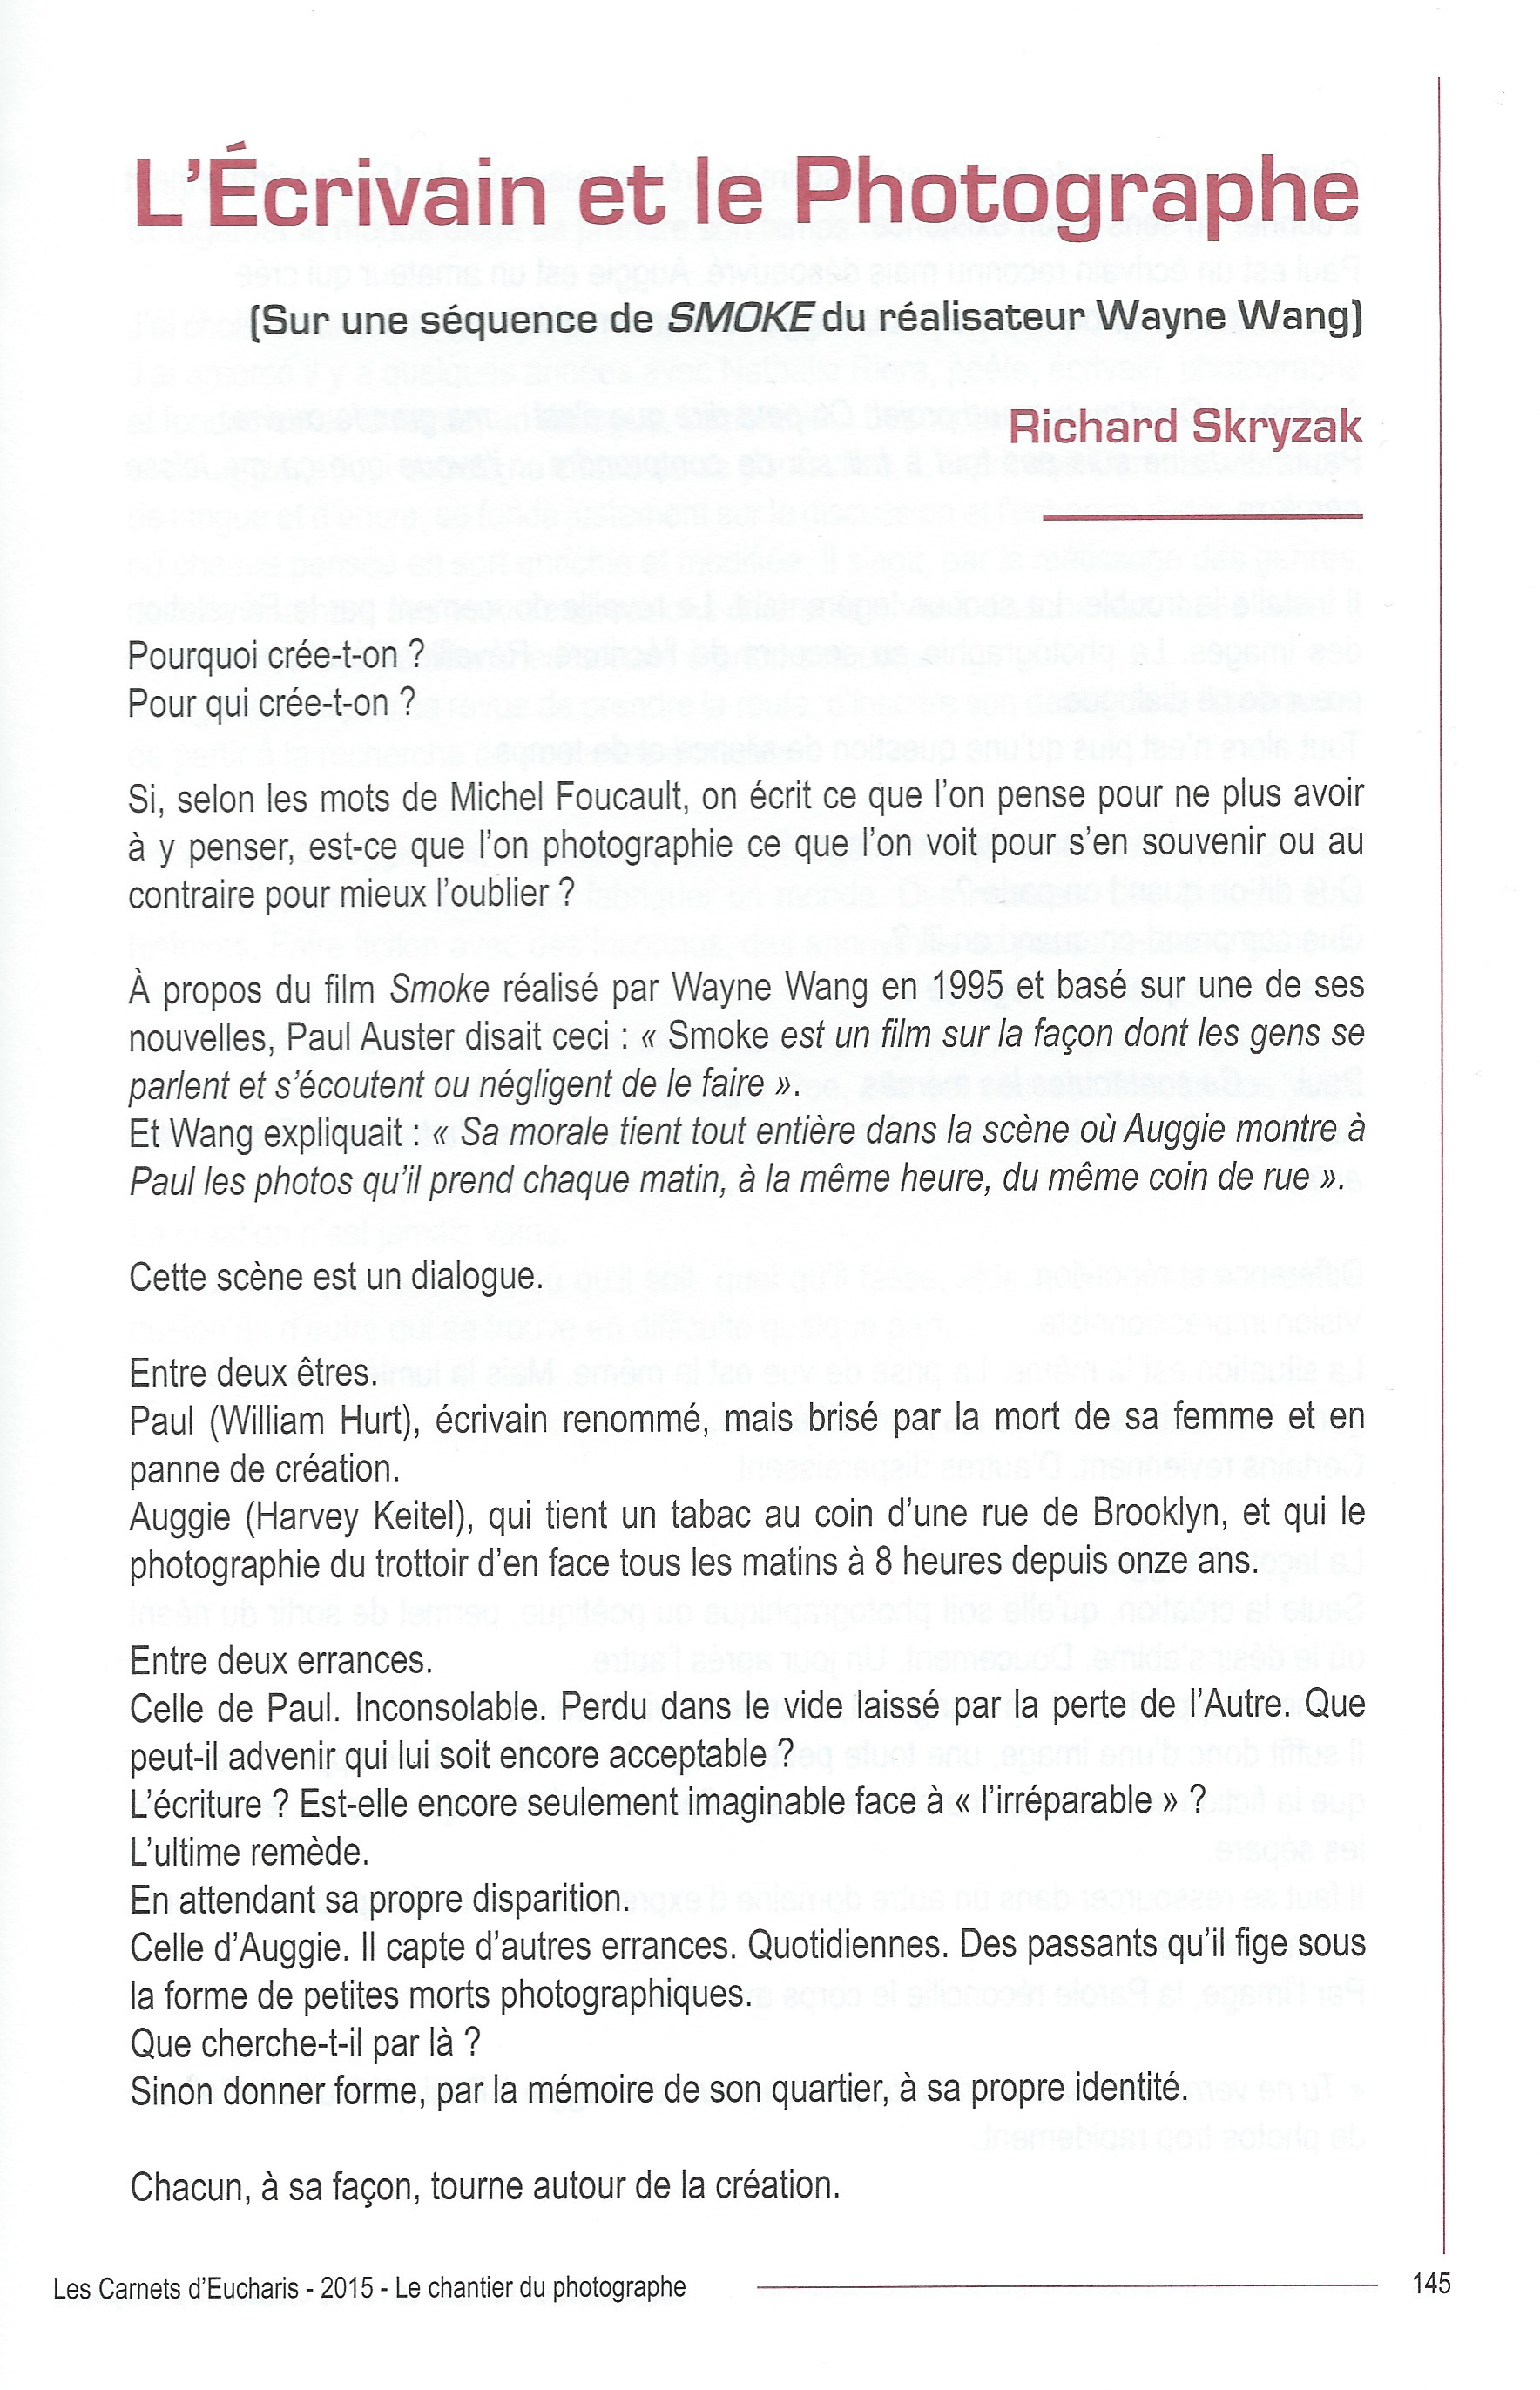 carnets-2015-lecrivain-et-le-photographe-1jpeg